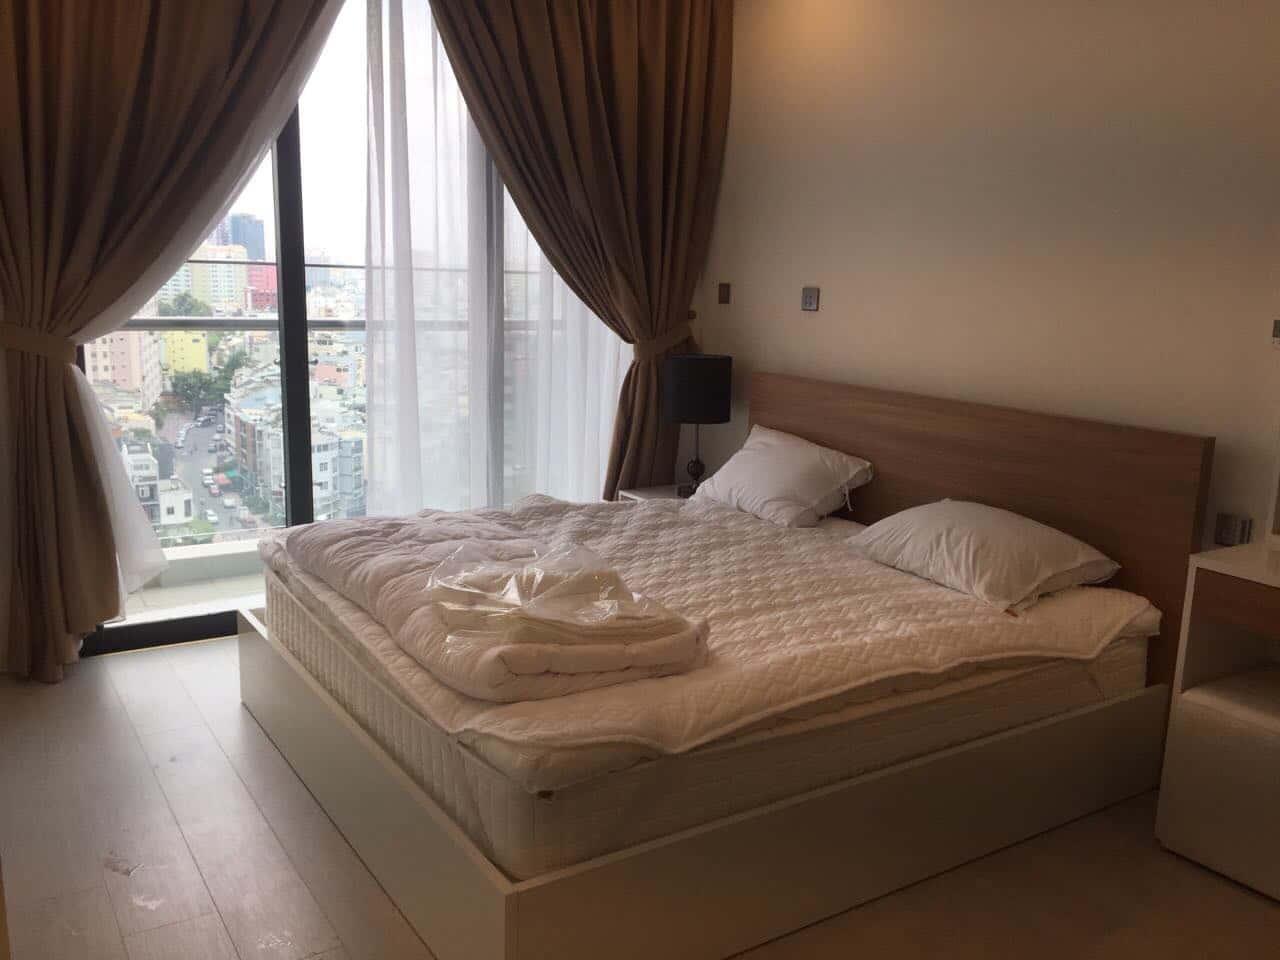 Cần cho thuê gấp 2 căn hộ Vinhome Golden River  1 Phòng ngủ - Nội thất đầy đủ - Sang trọng đẳng cấp của Vingroup